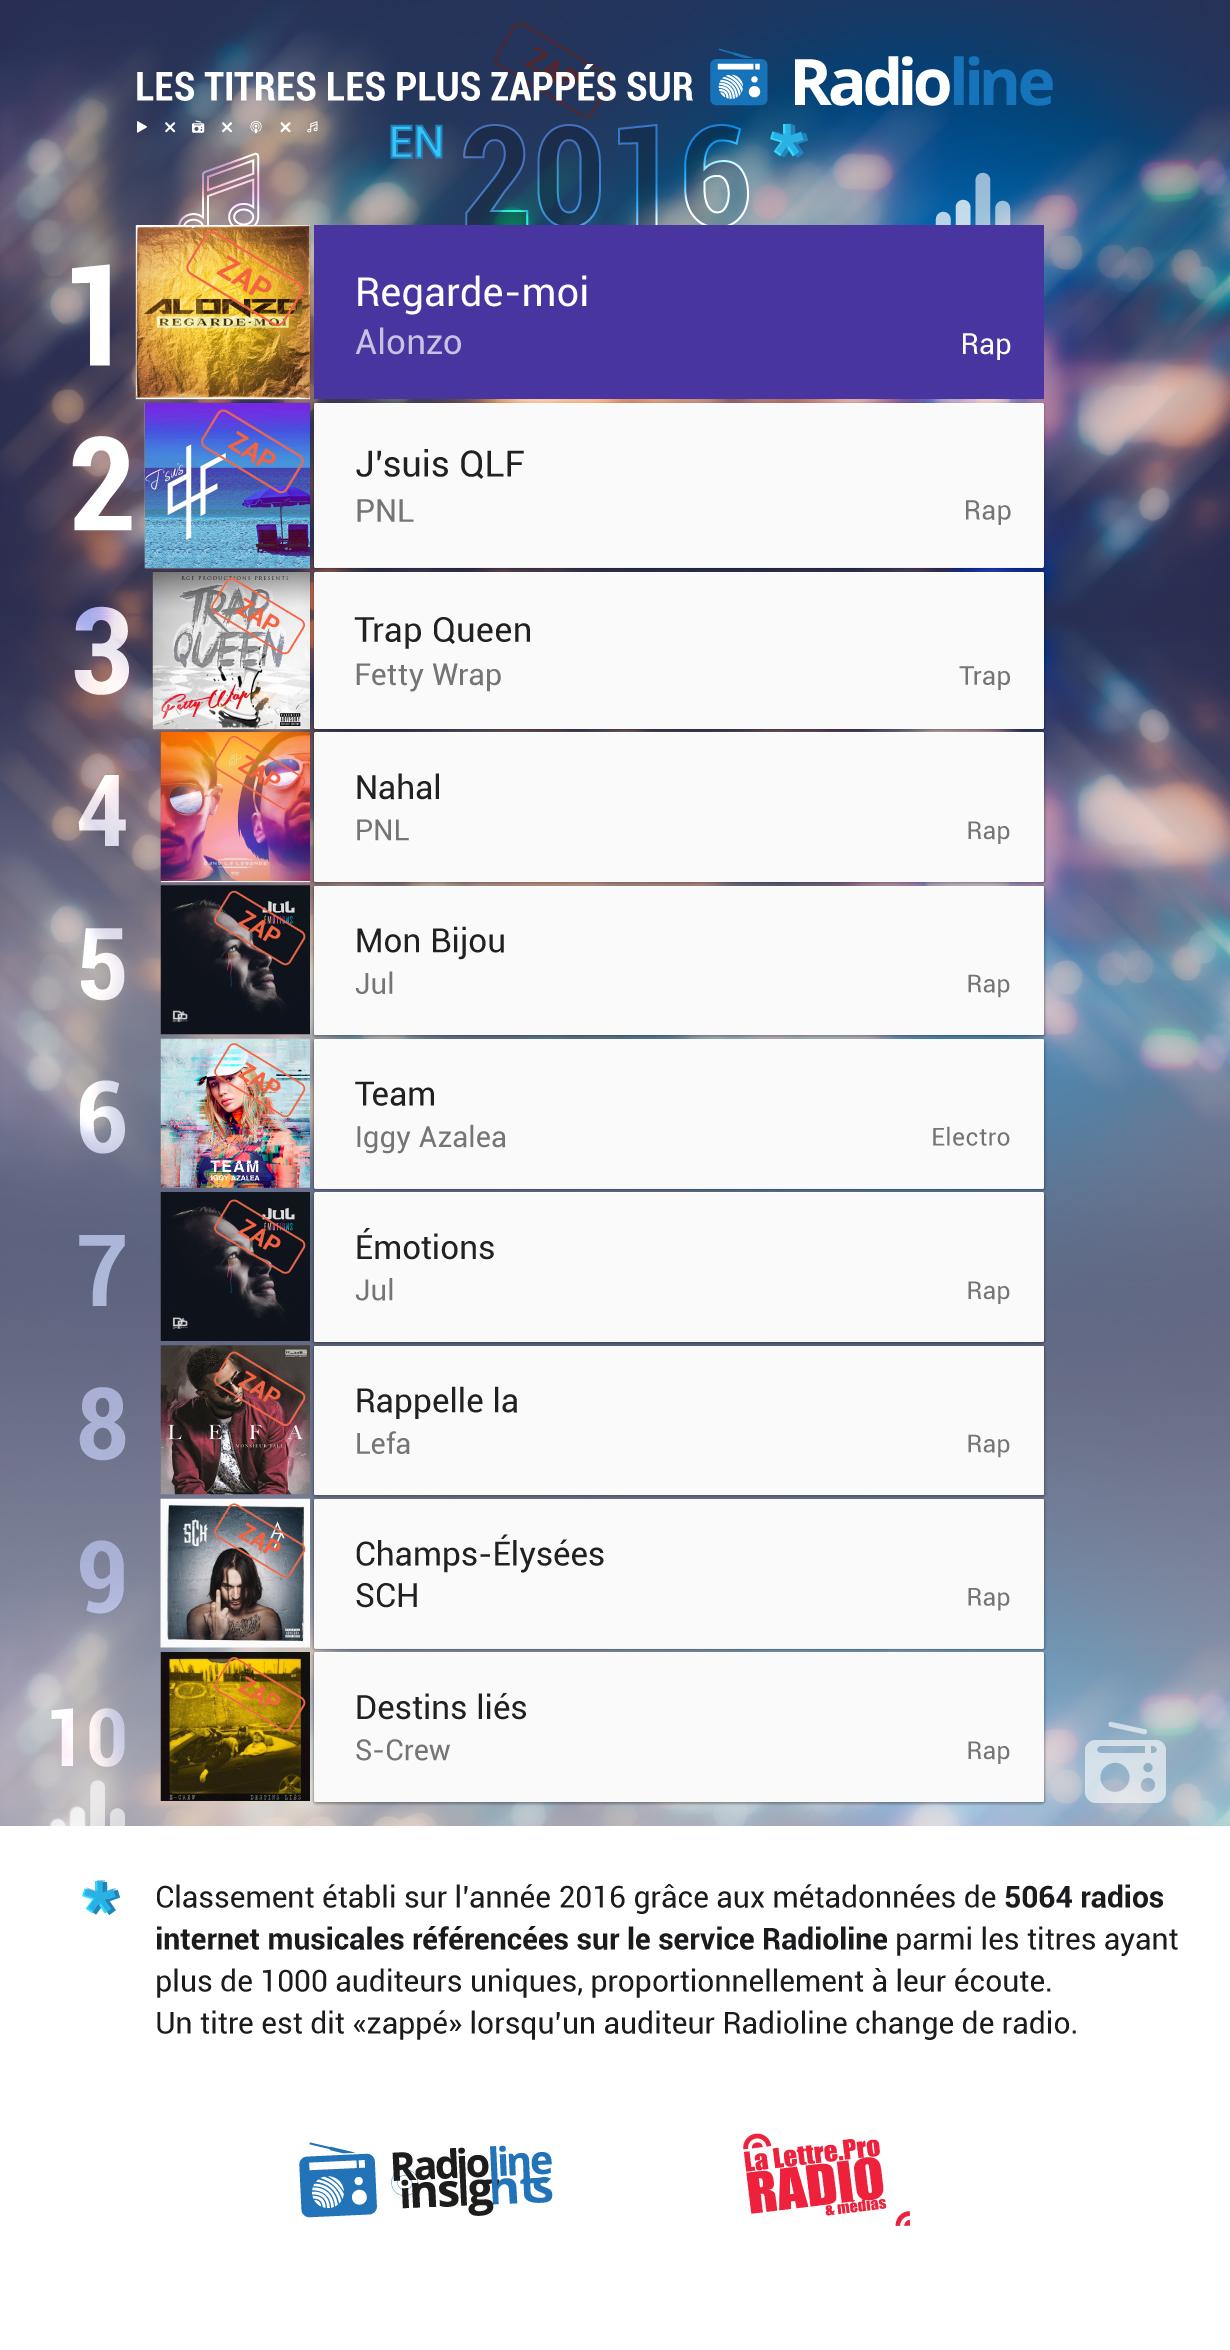 #RadiolineInsights : le classement des titres les plus zappés en 2016